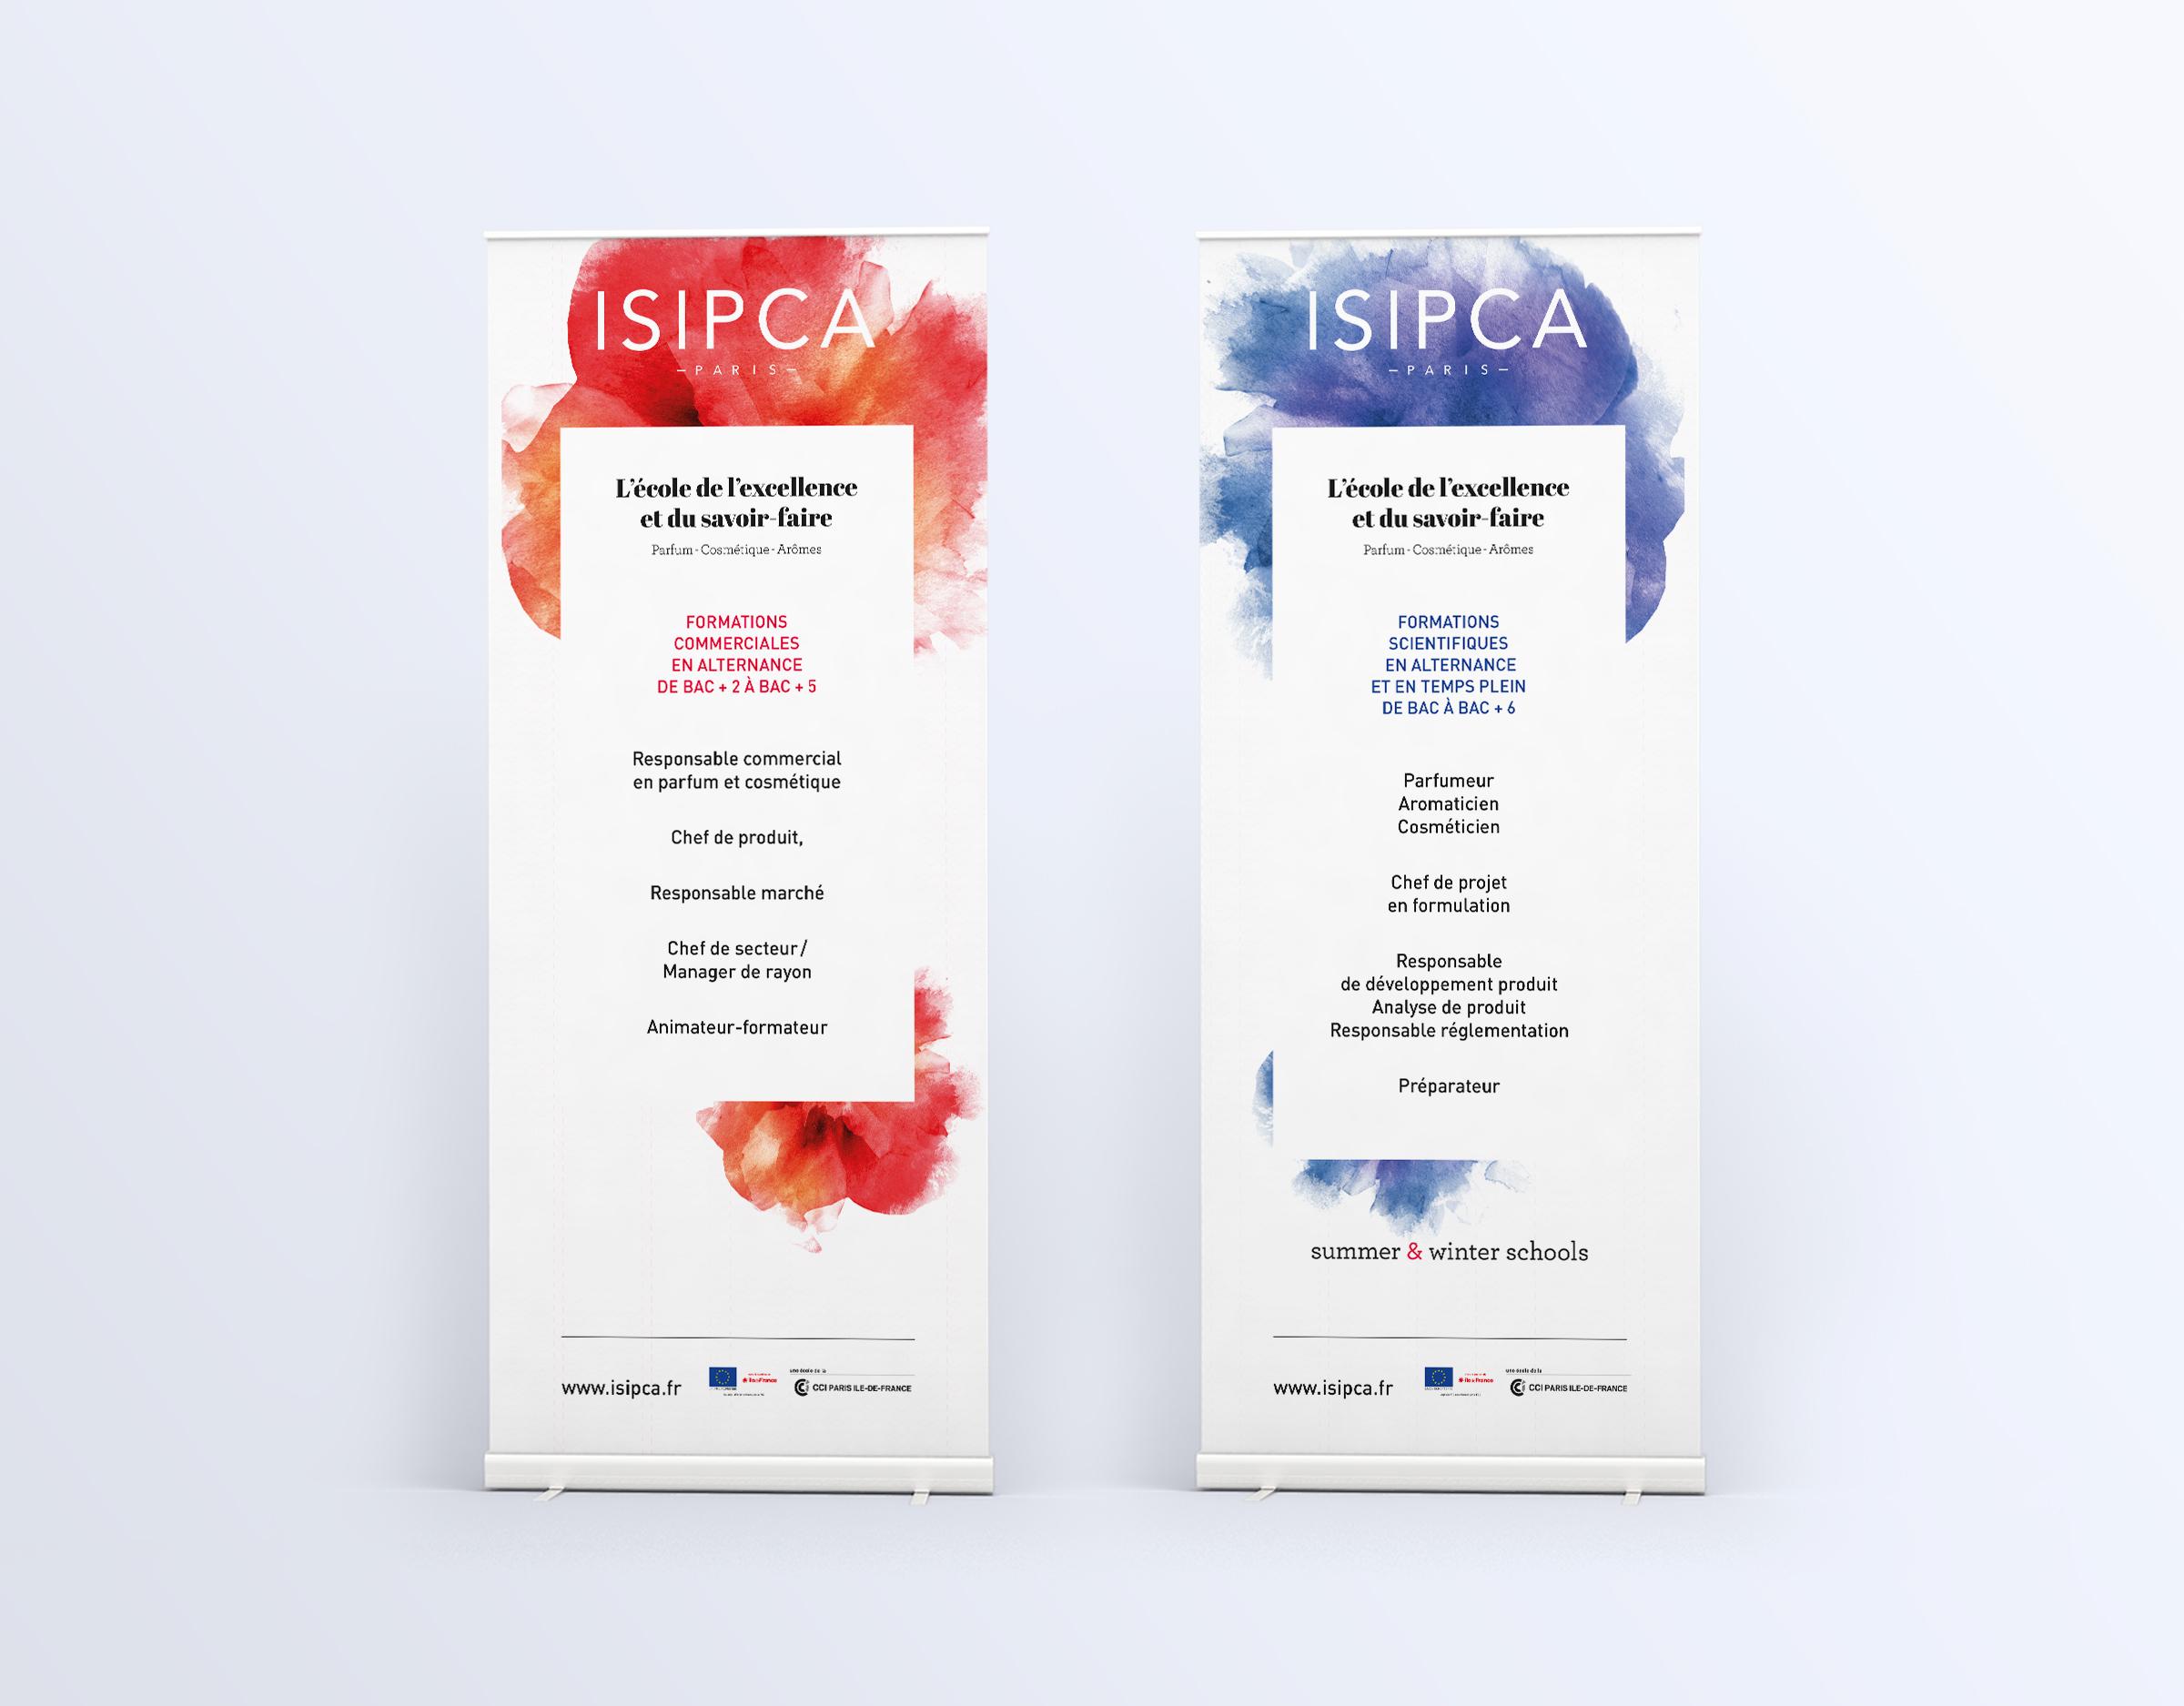 Déclinaison de la charte graphique sur le supports de communication ISIPCA